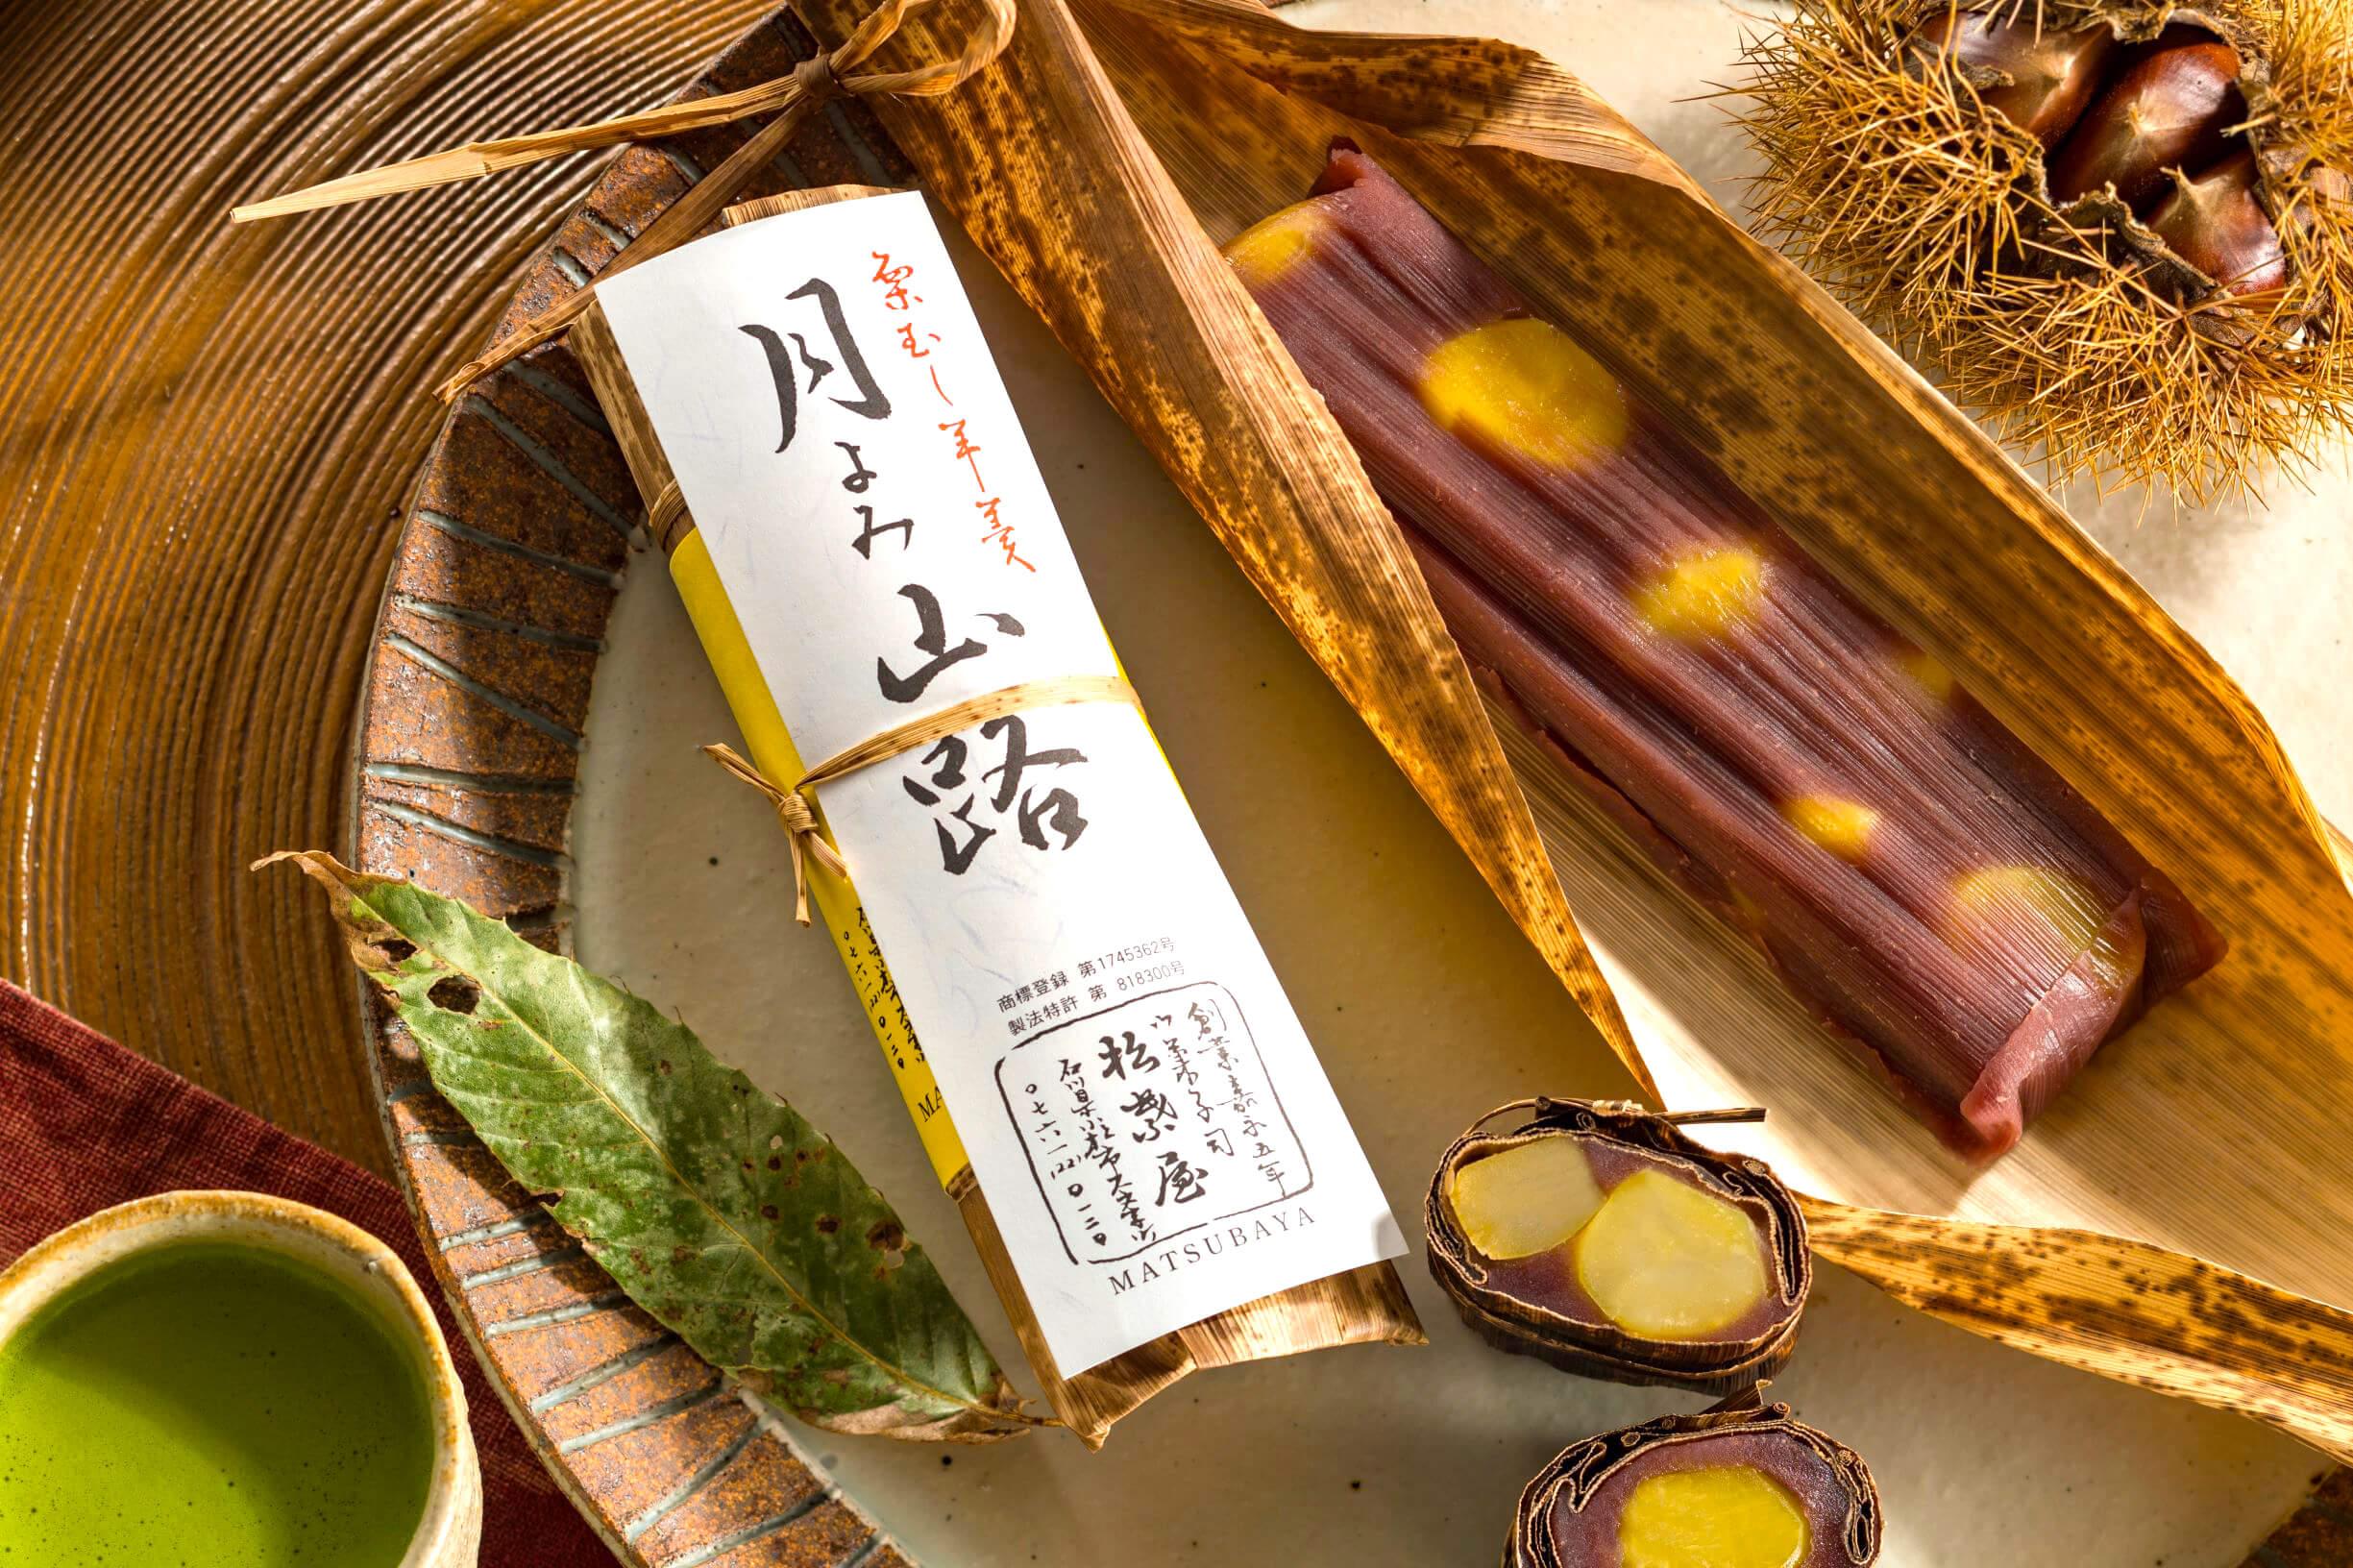 Hokuroku